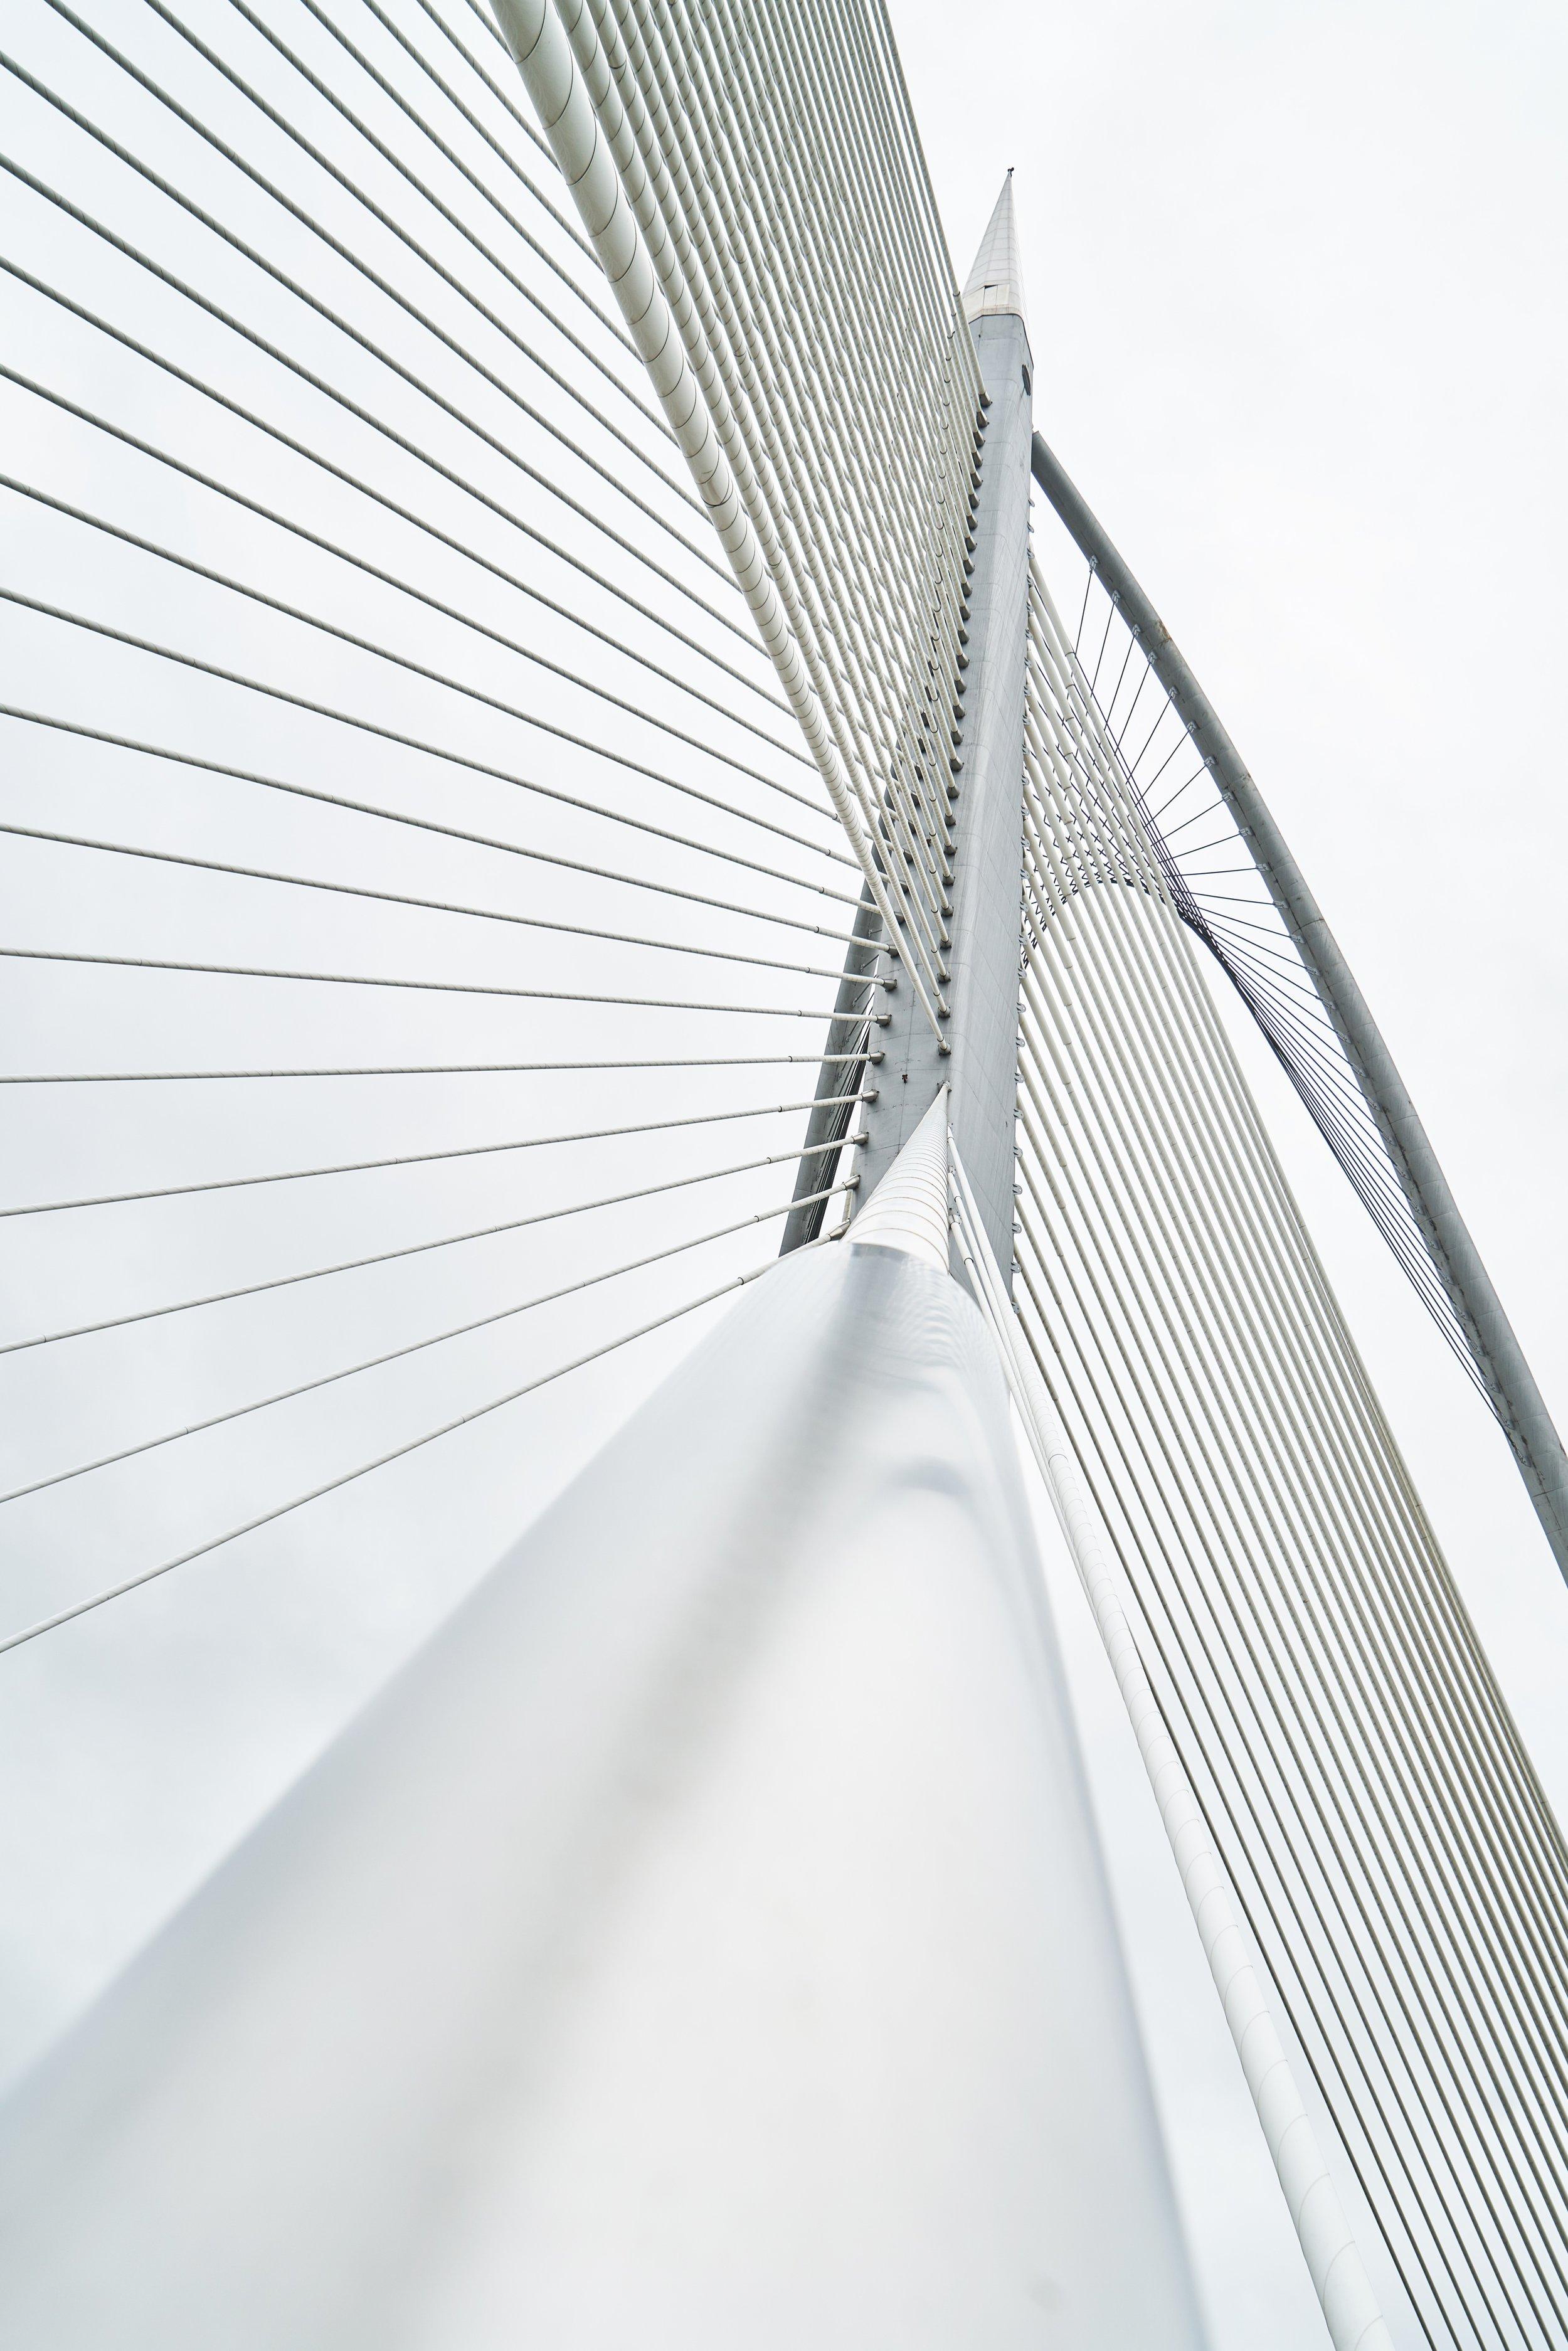 architecture-bridge-infrastructure-434659.jpg